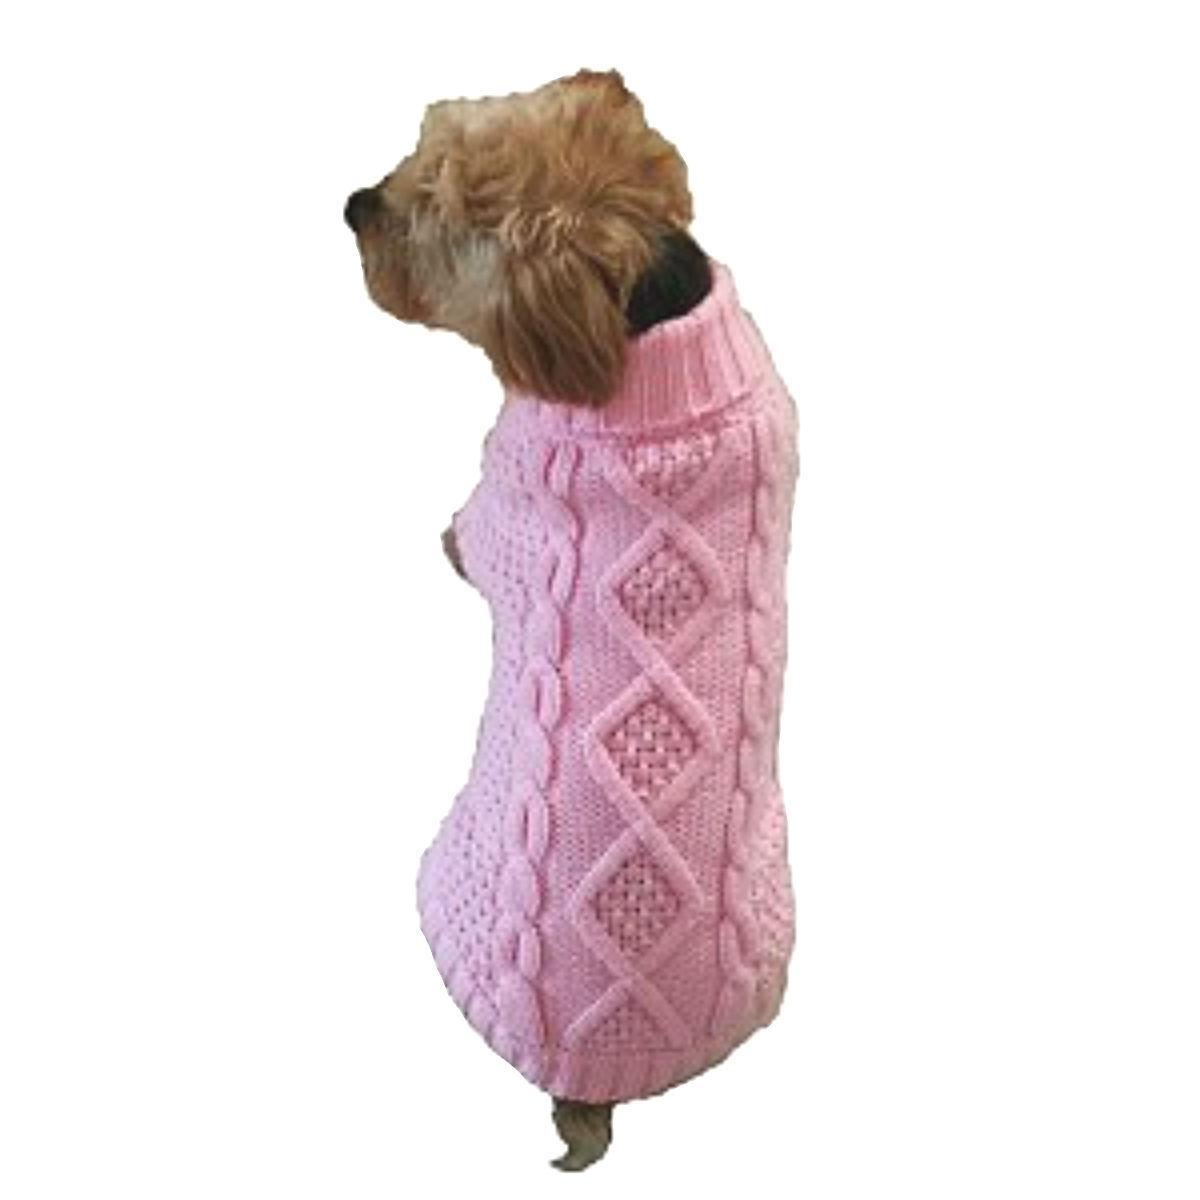 Dallas Dogs Irish Knit Dog Sweater - Cotton Candy Pink